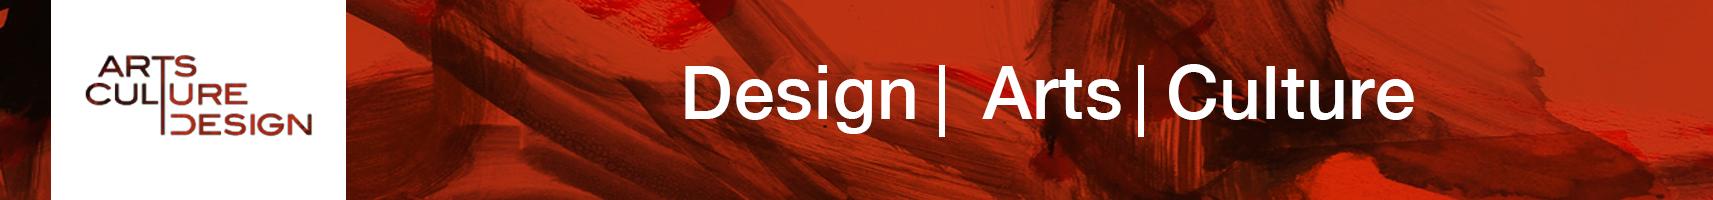 Design | Arts | Culture